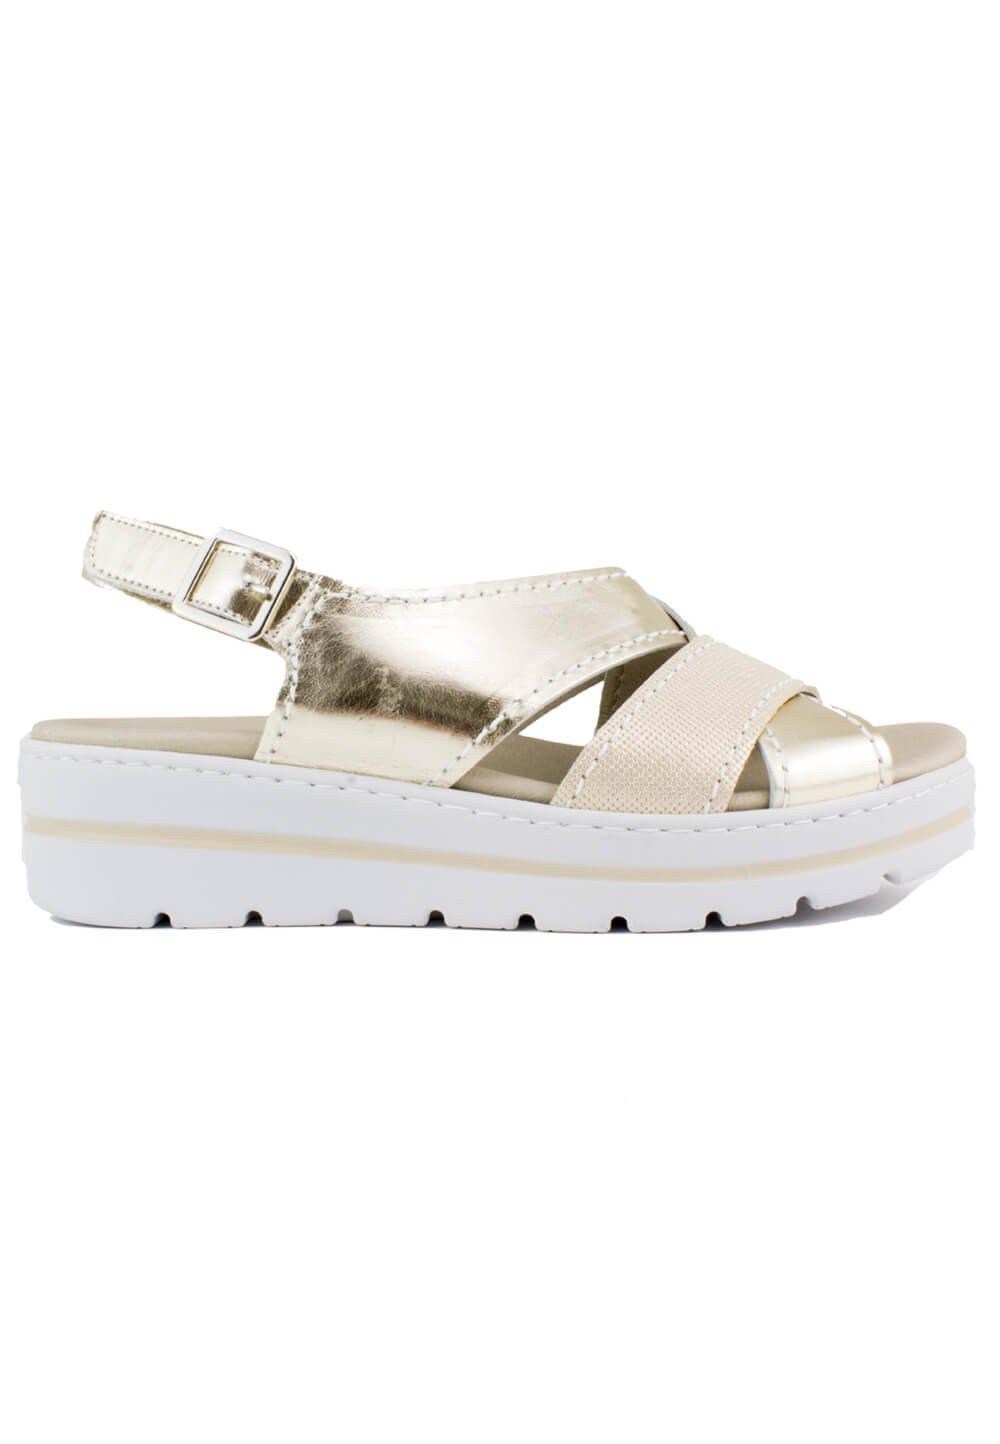 Notton - Sandalia Tiras Plataforma 38 EU|Oro Venta de calzado deportivo de moda en línea